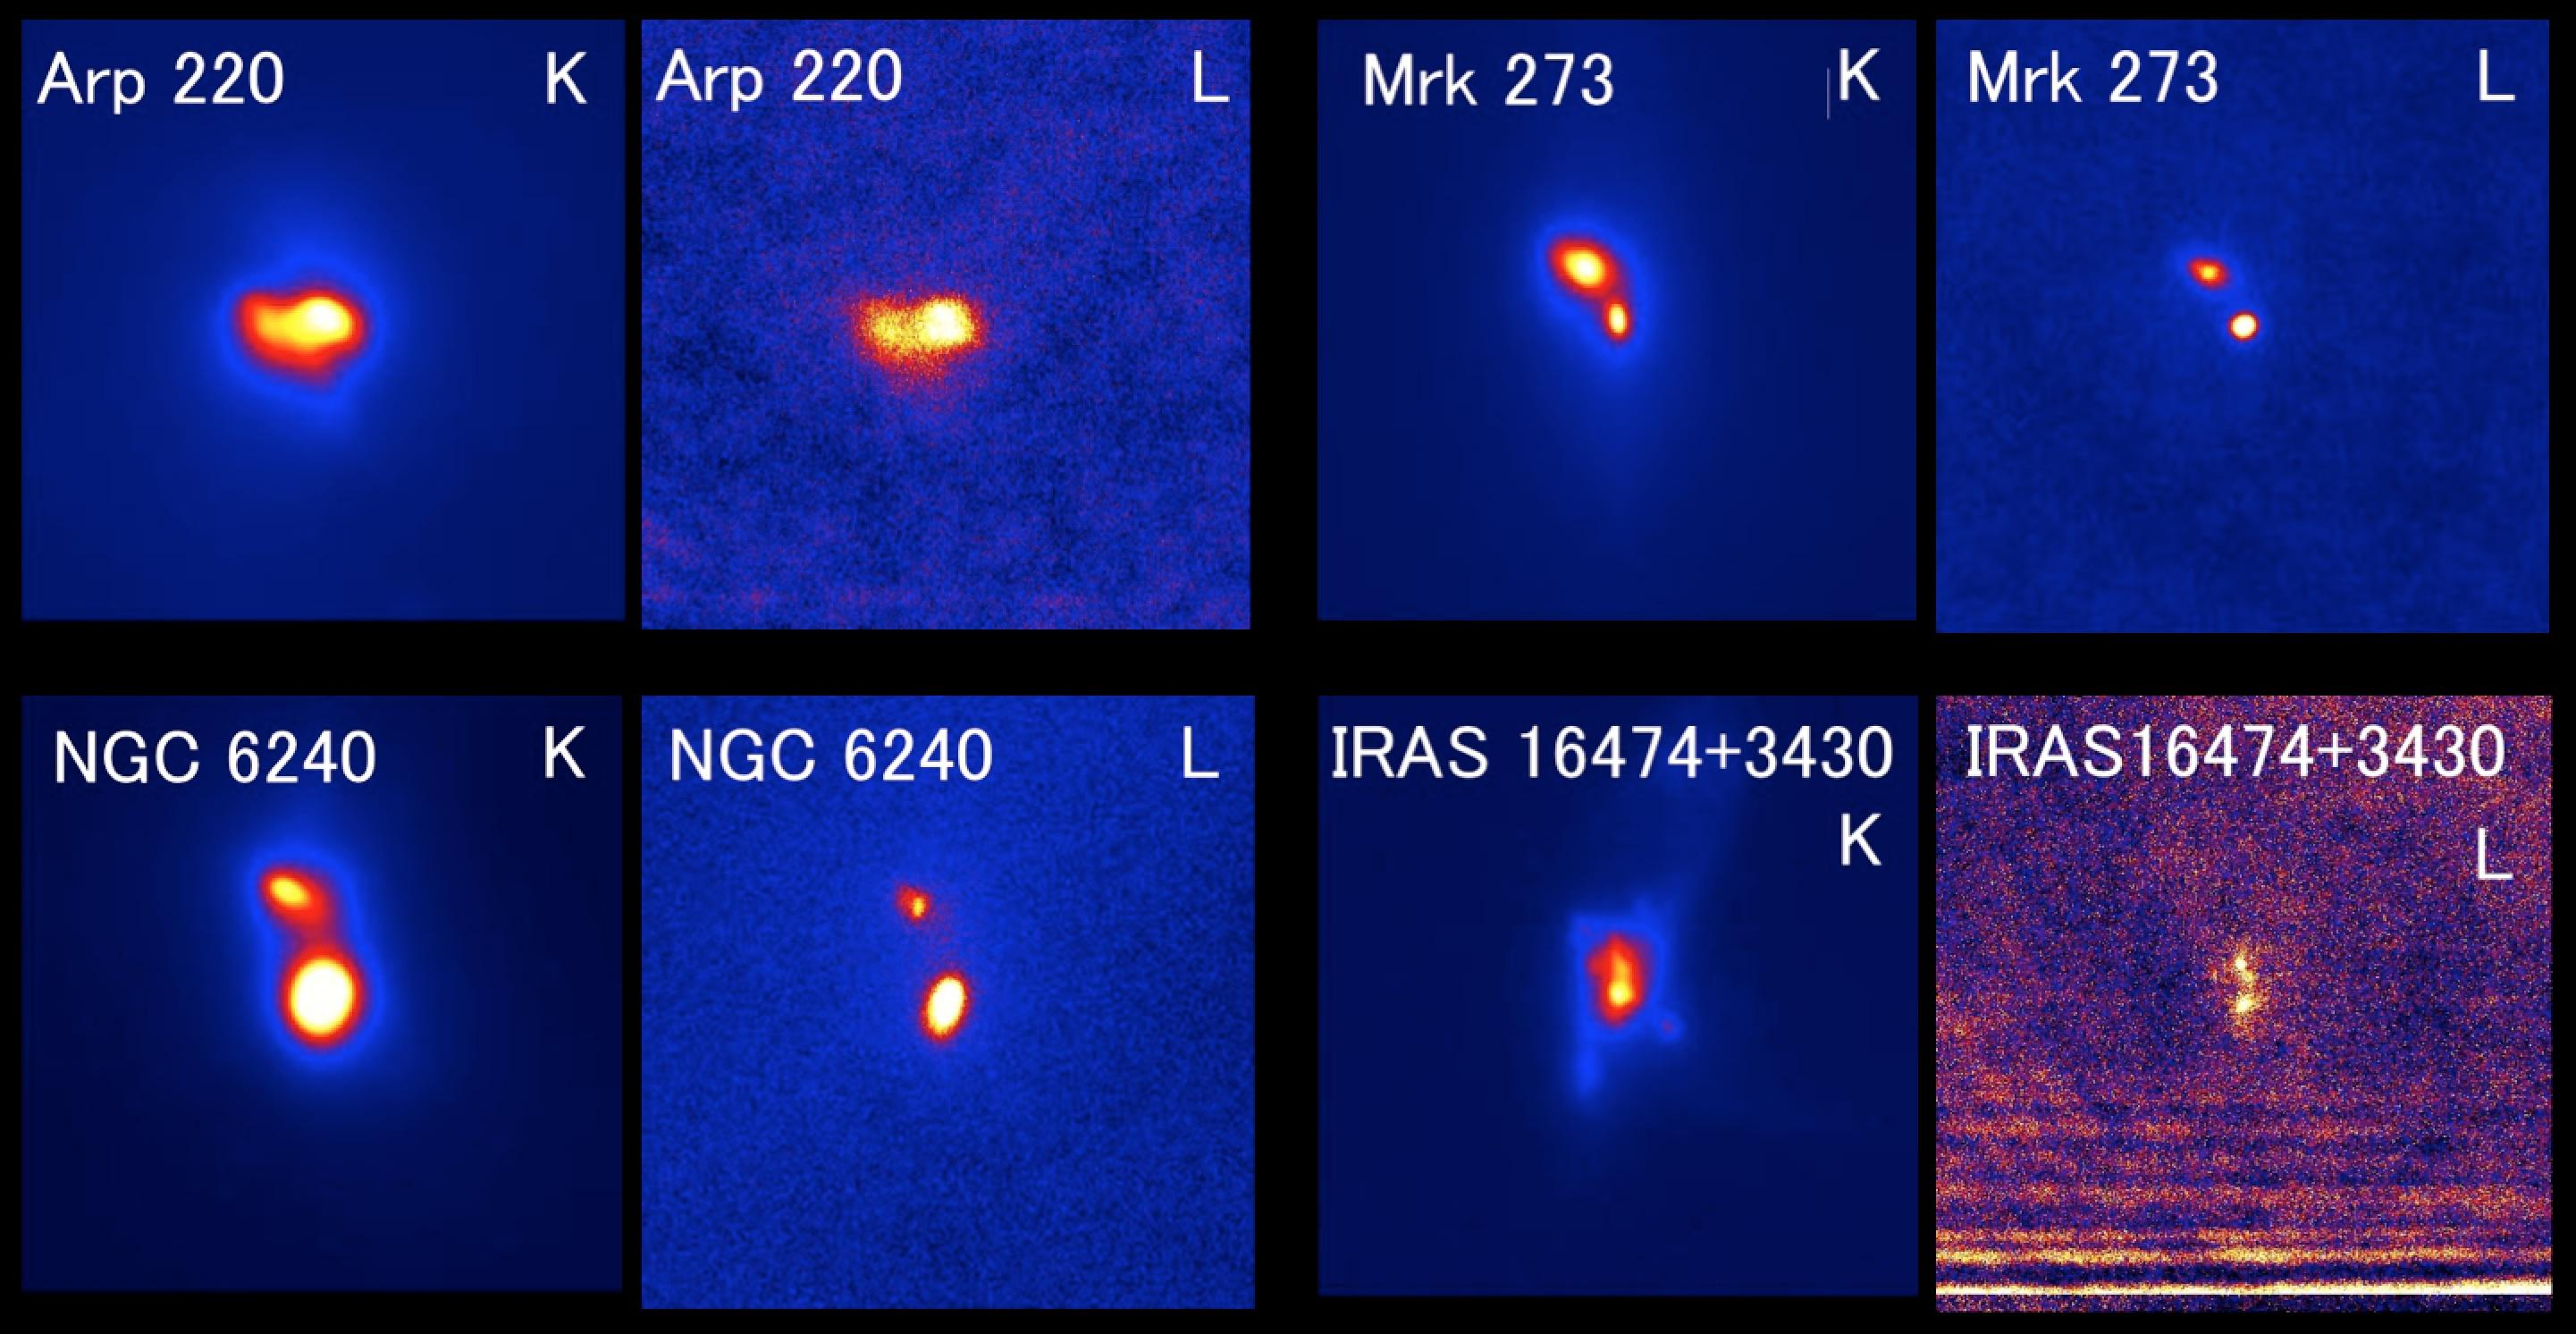 すばる望遠鏡、合体銀河中の超巨大ブラックホールの活動性に迫る 図3